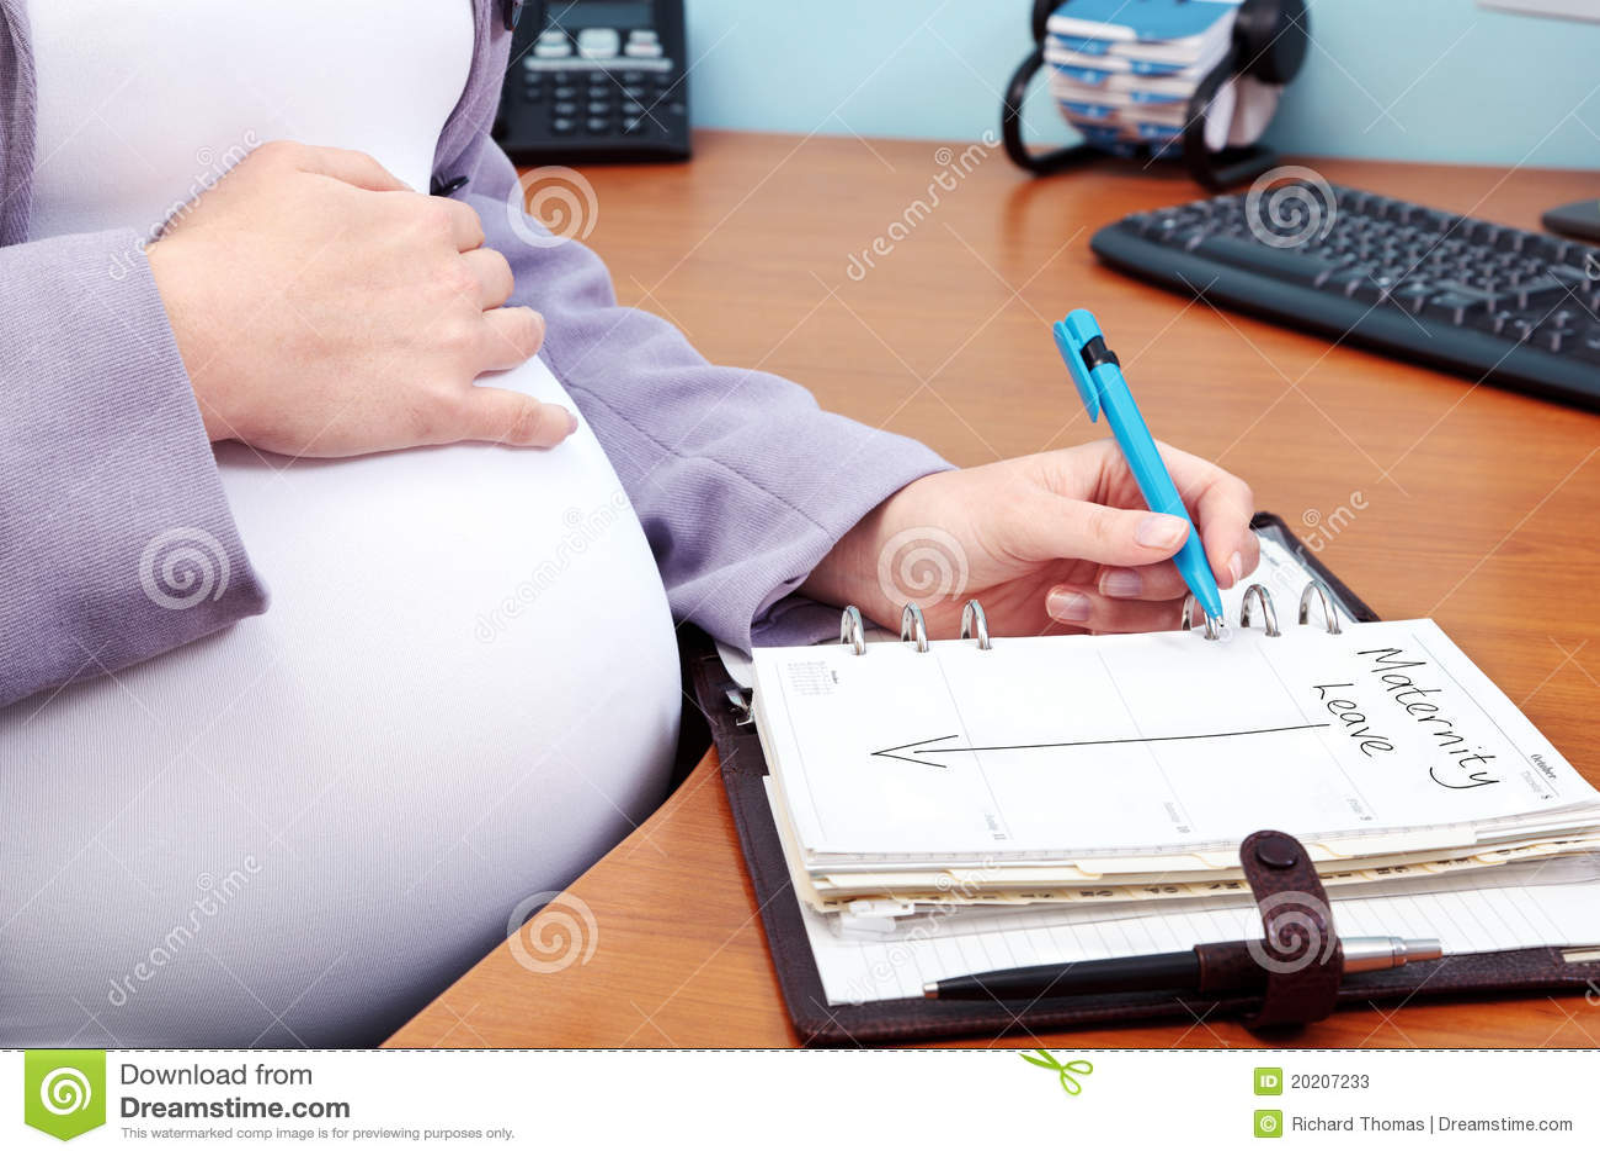 Congé de maternité de maternité